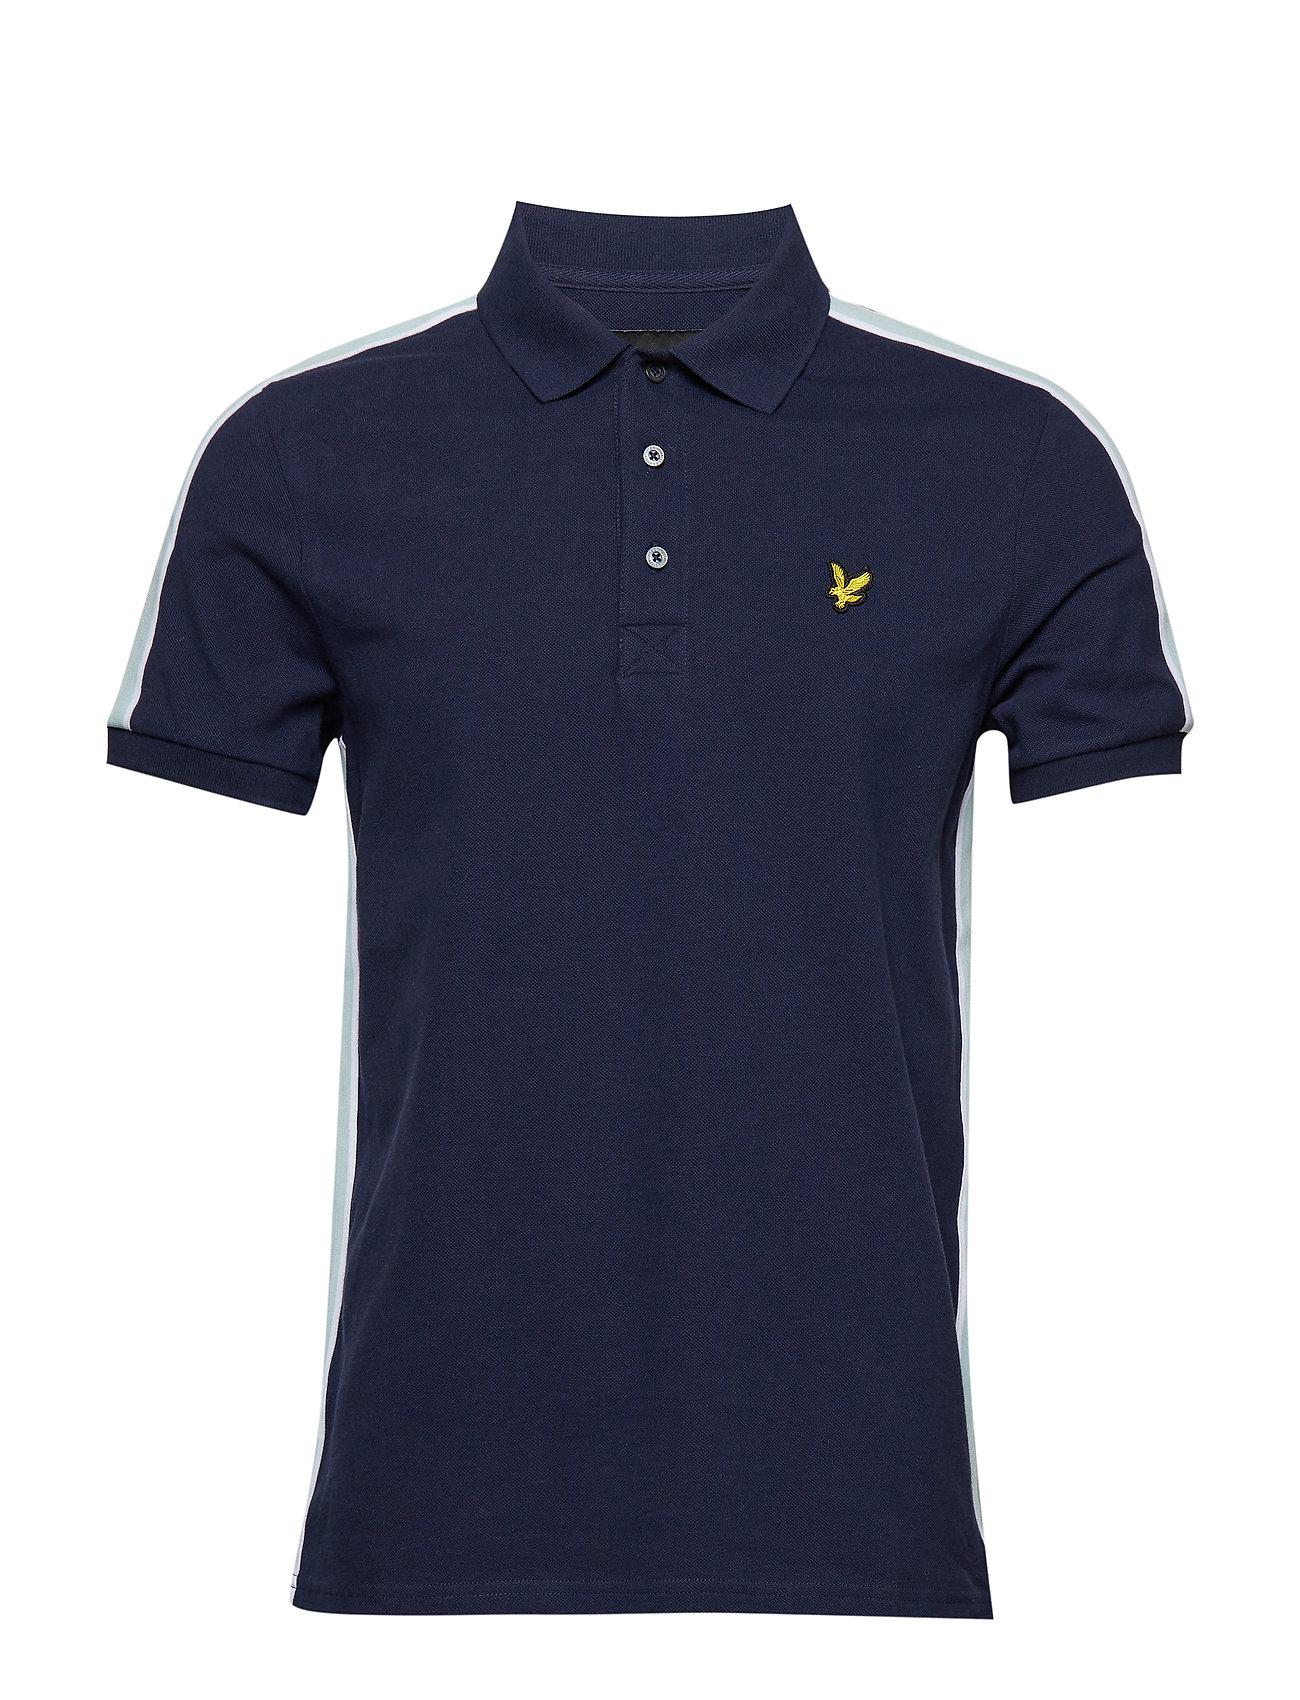 Lyle & Scott Side Stripe Poloshirt - NAVY